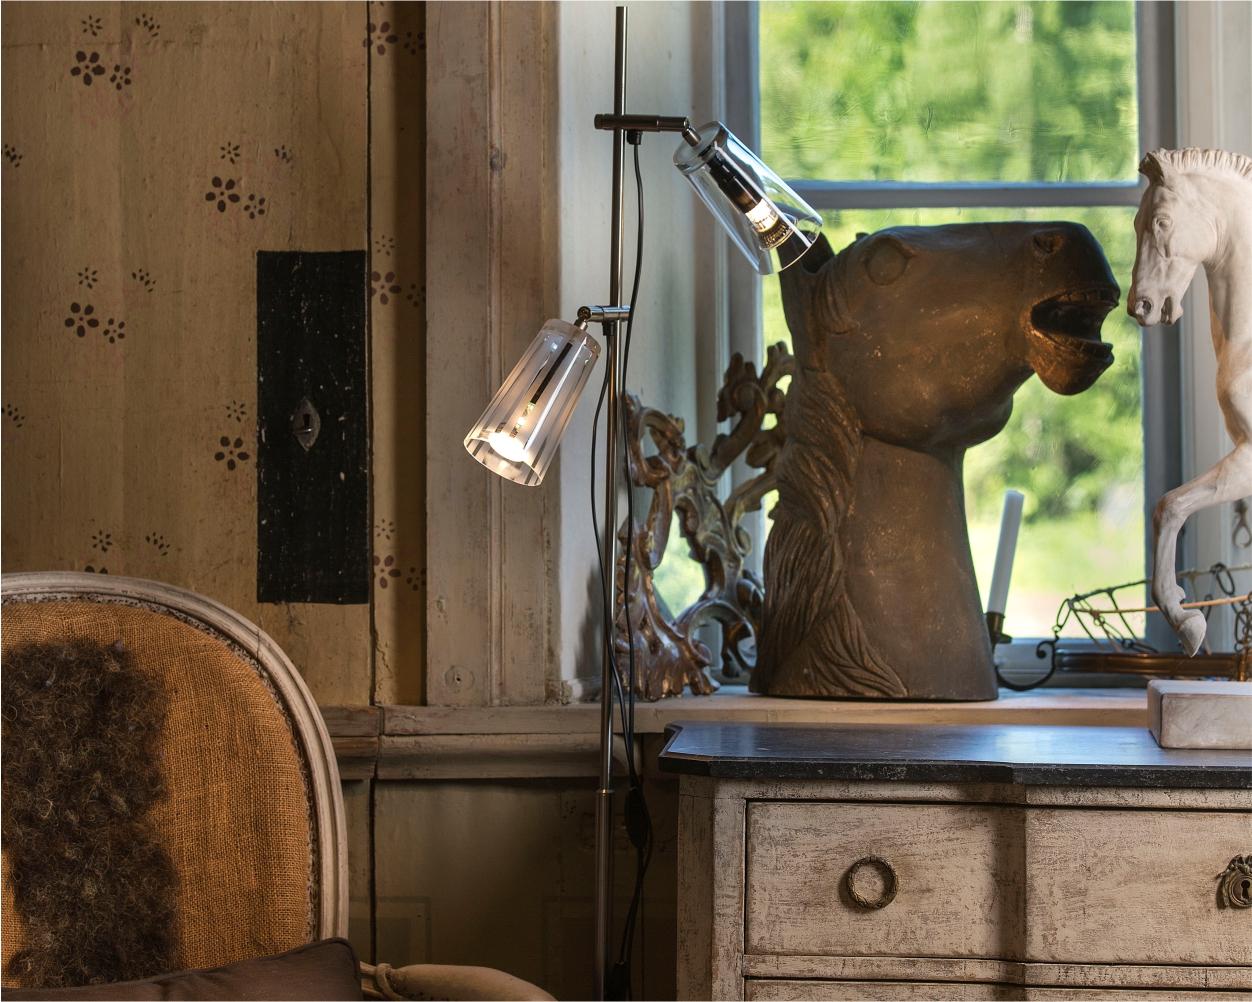 lampadare, lampi de podea pentru iluminat interior